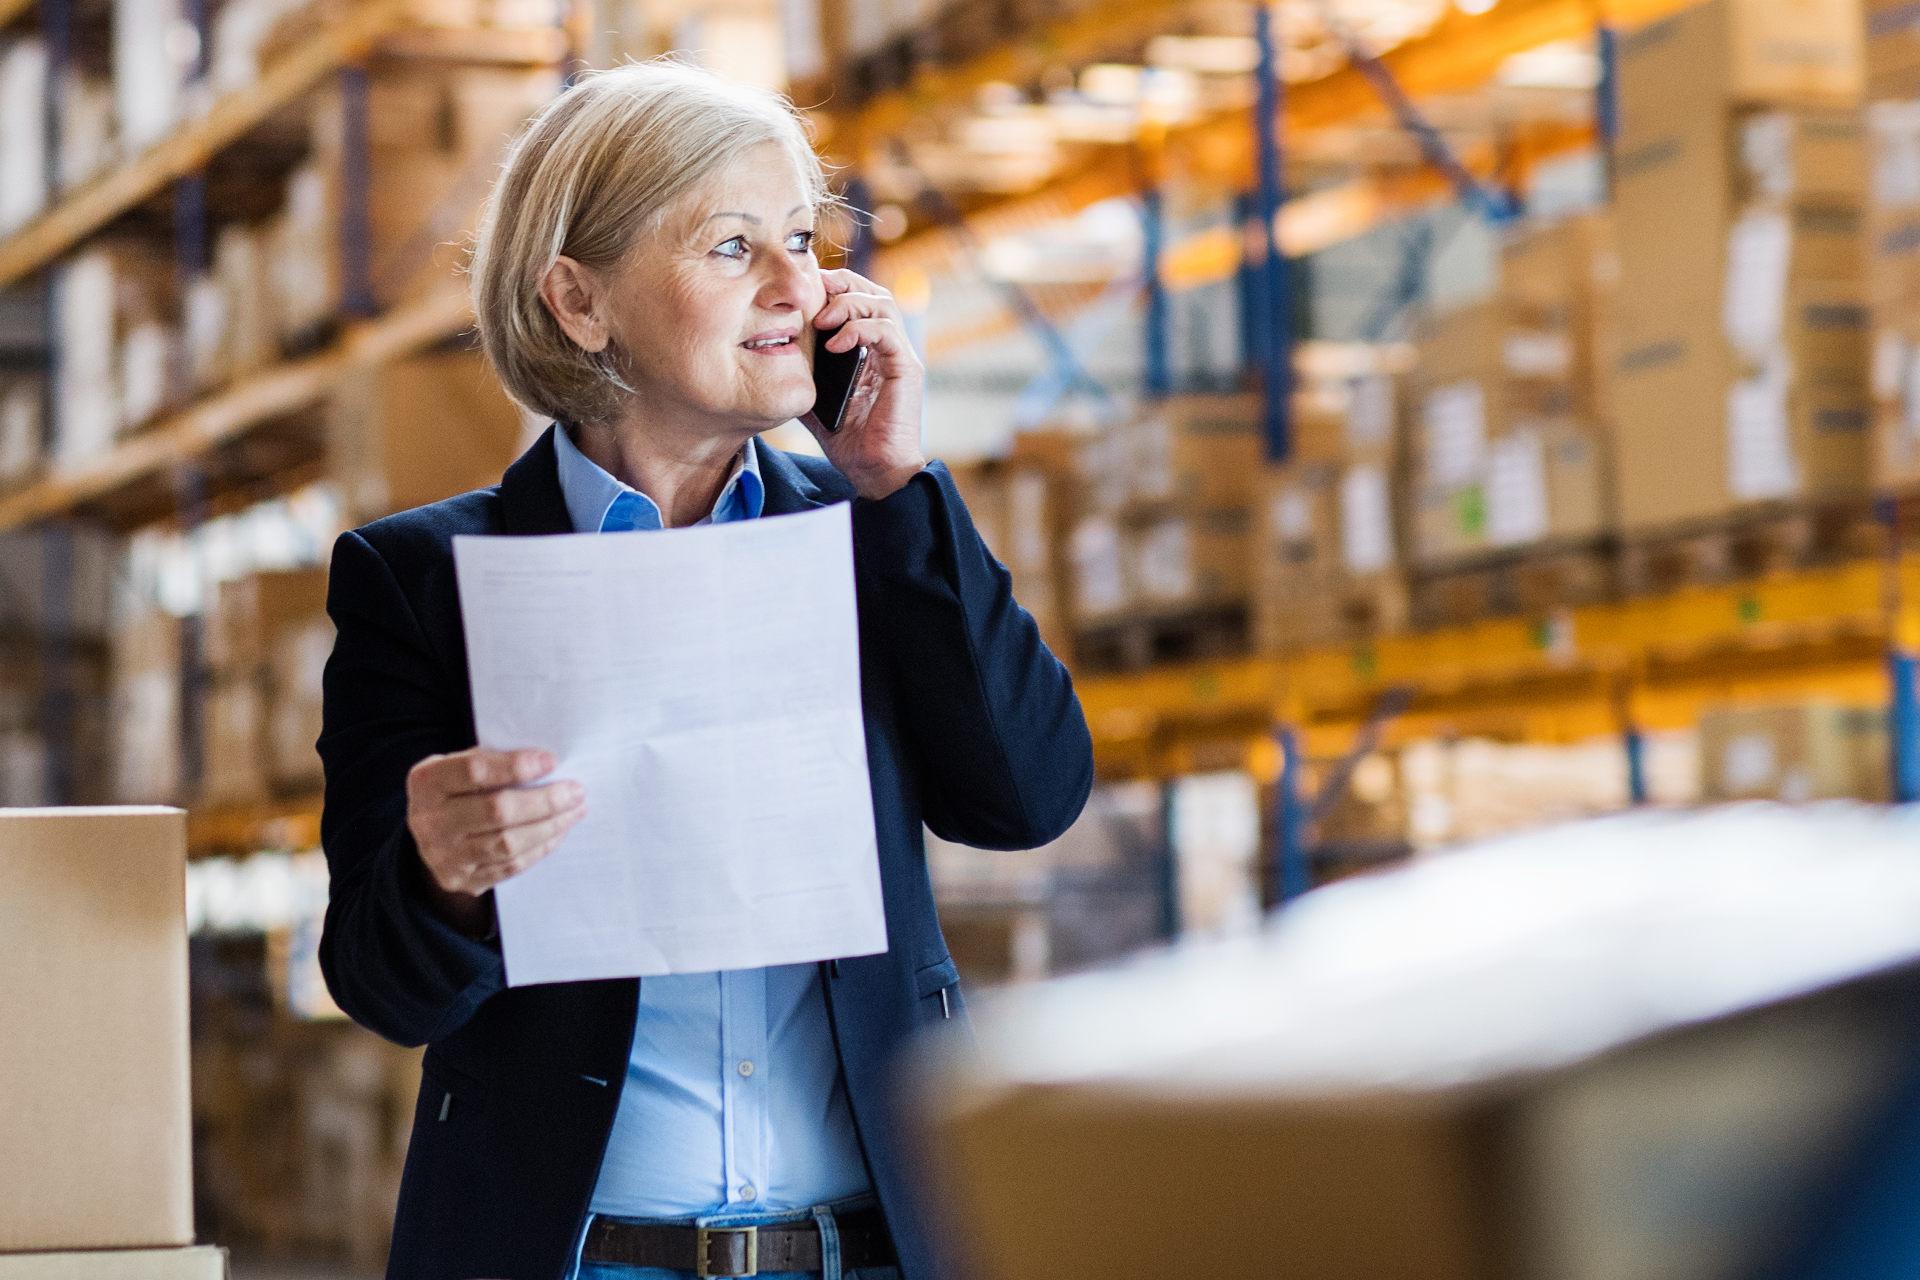 automata logisztikai modul, vállalatirányítási rendszer